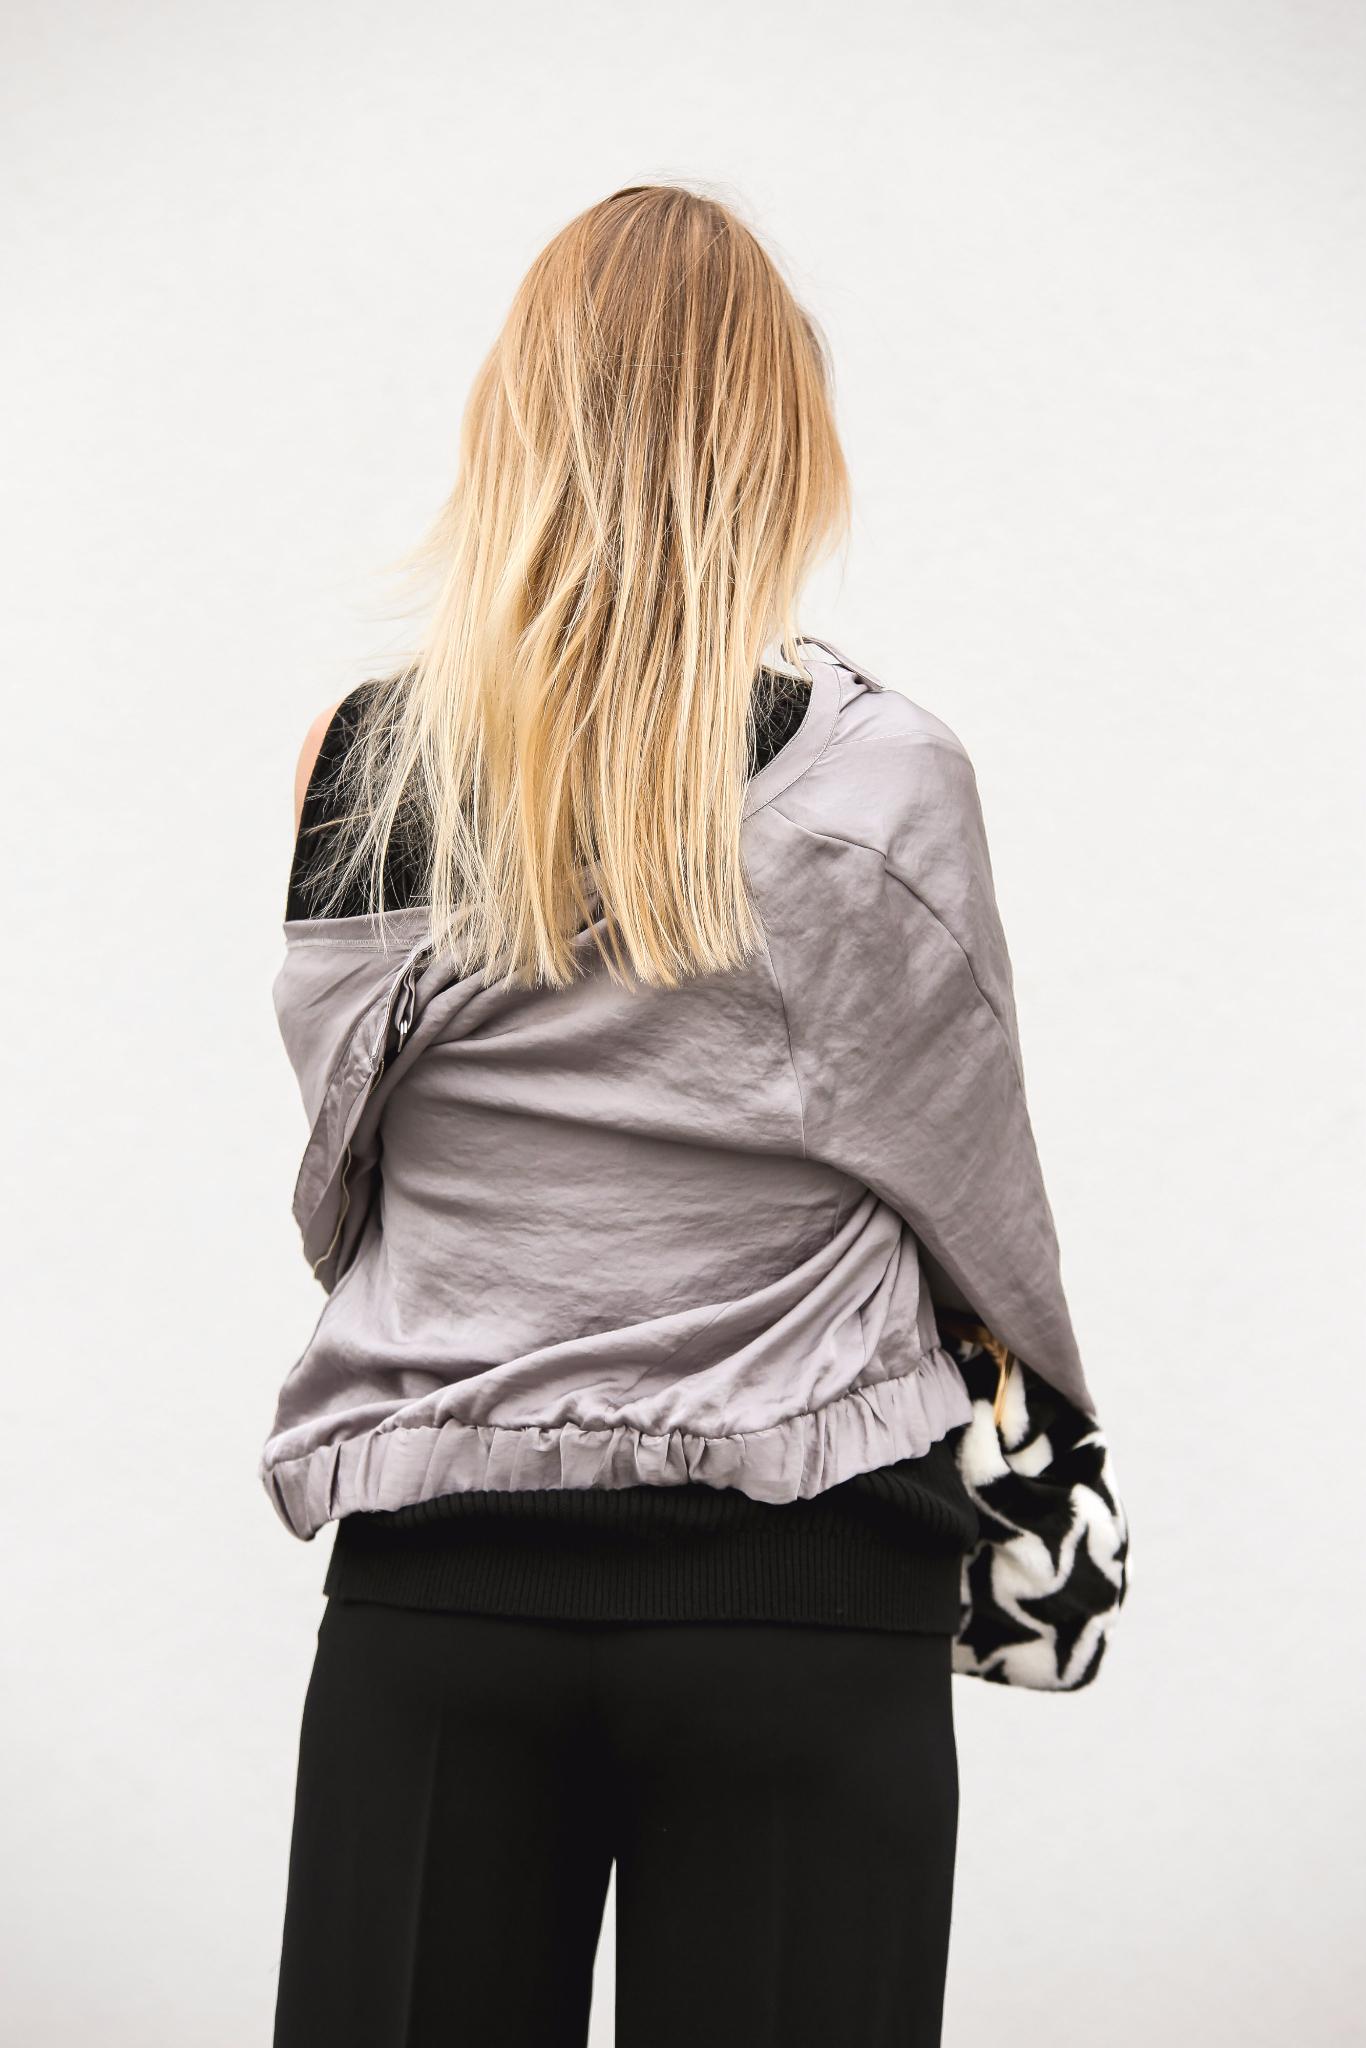 Fashion_Outfit_Satin_Bomber_Cold_Shoulder_MOD - by Monique-16_pix